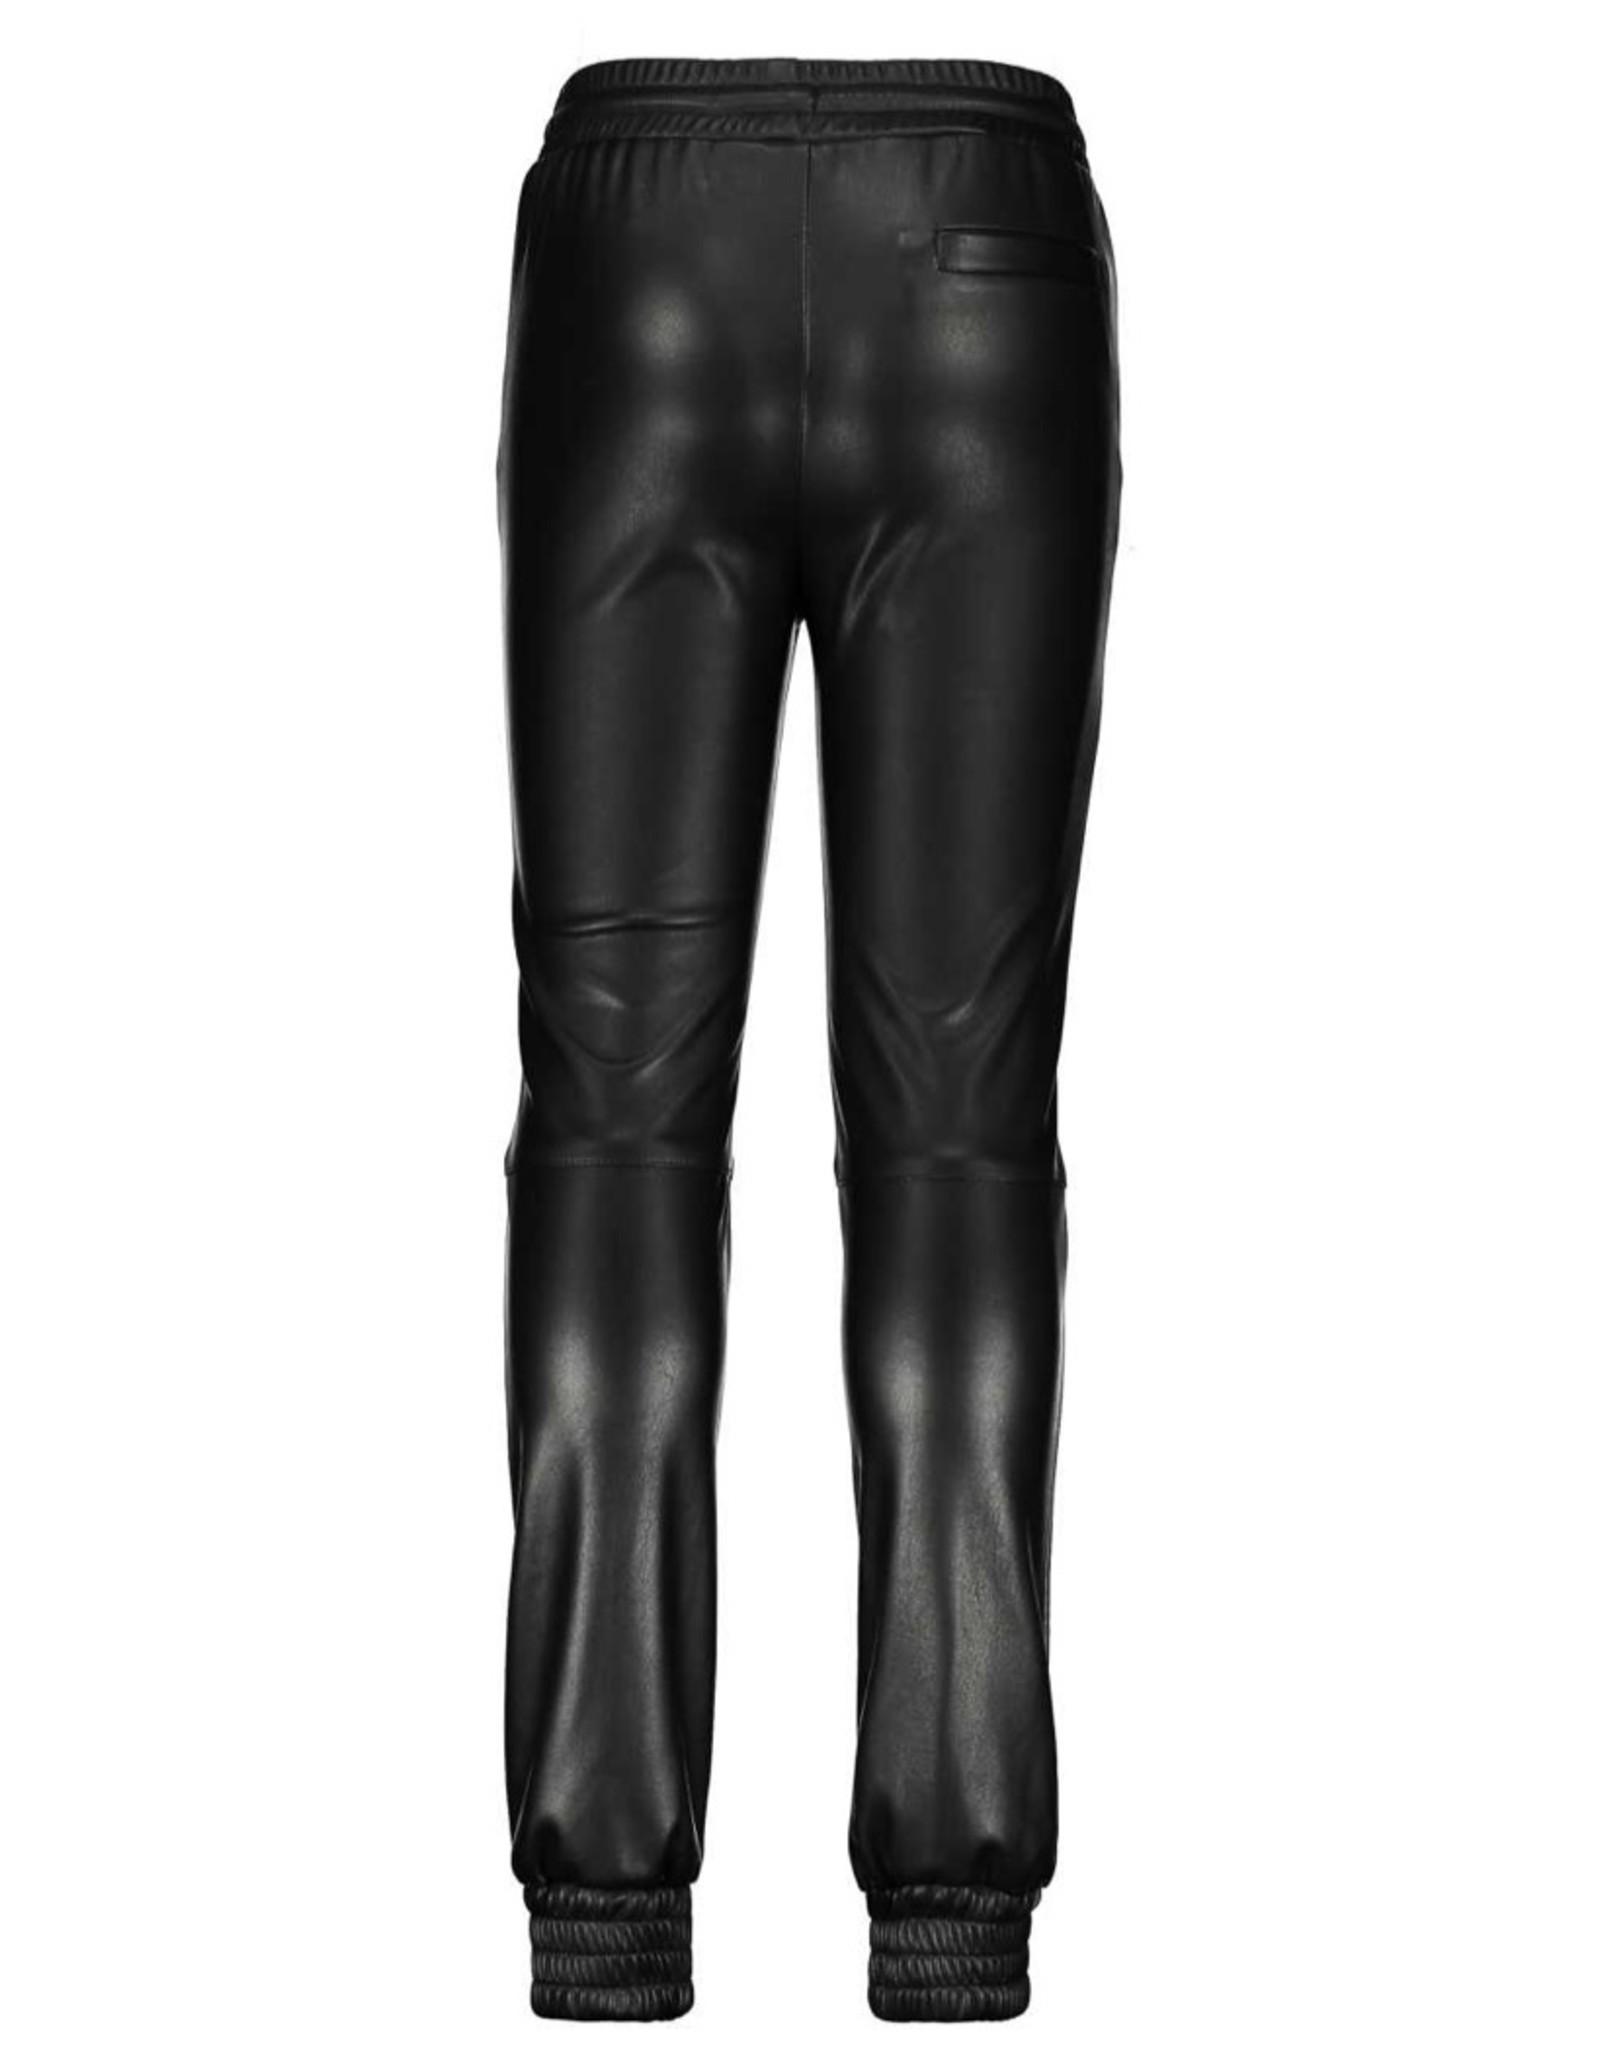 Flo F108-5640 imi Leather skinny